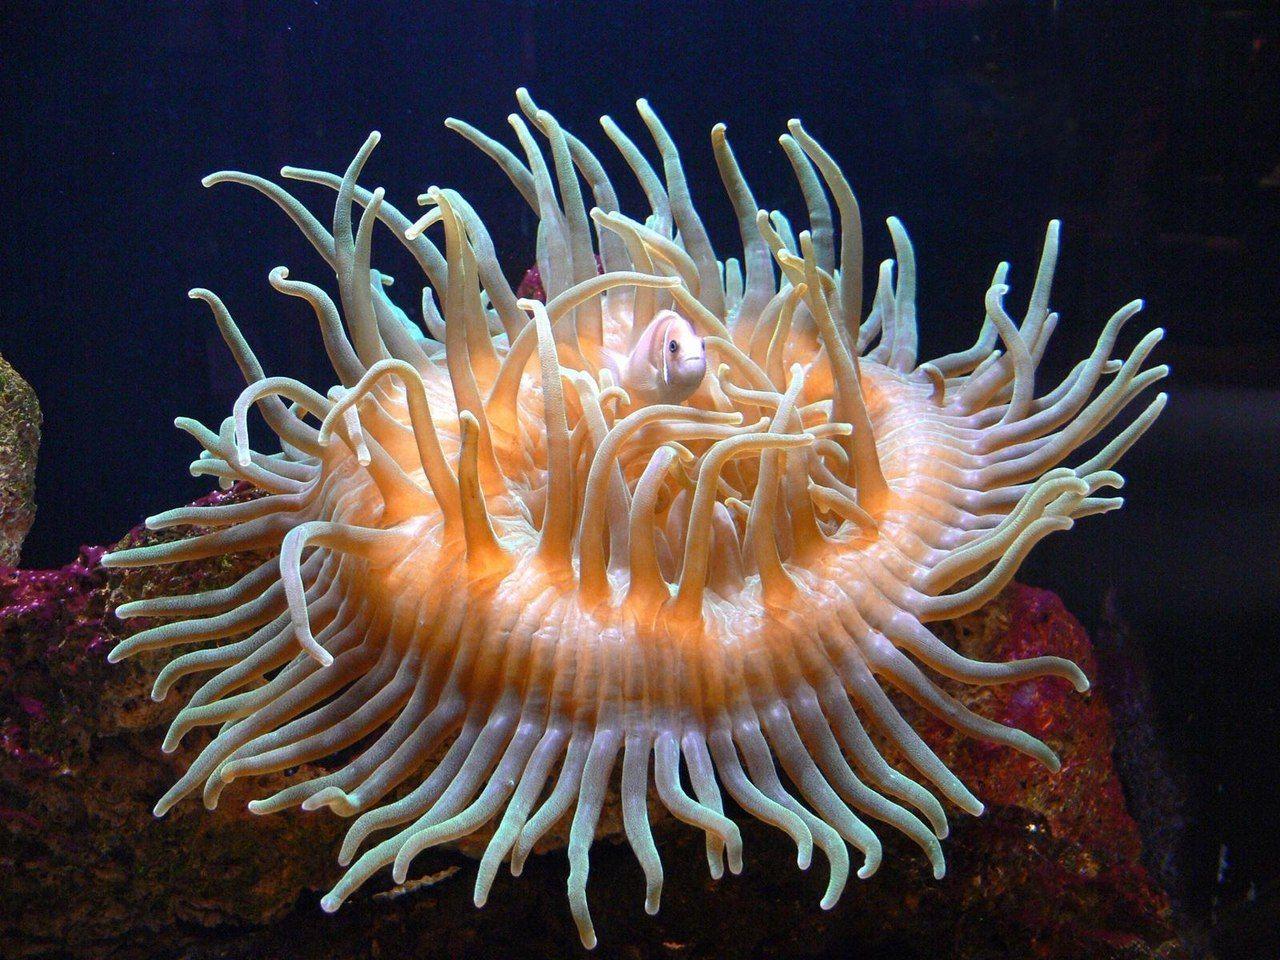 фото морских обитателей с описанием известно, мария является